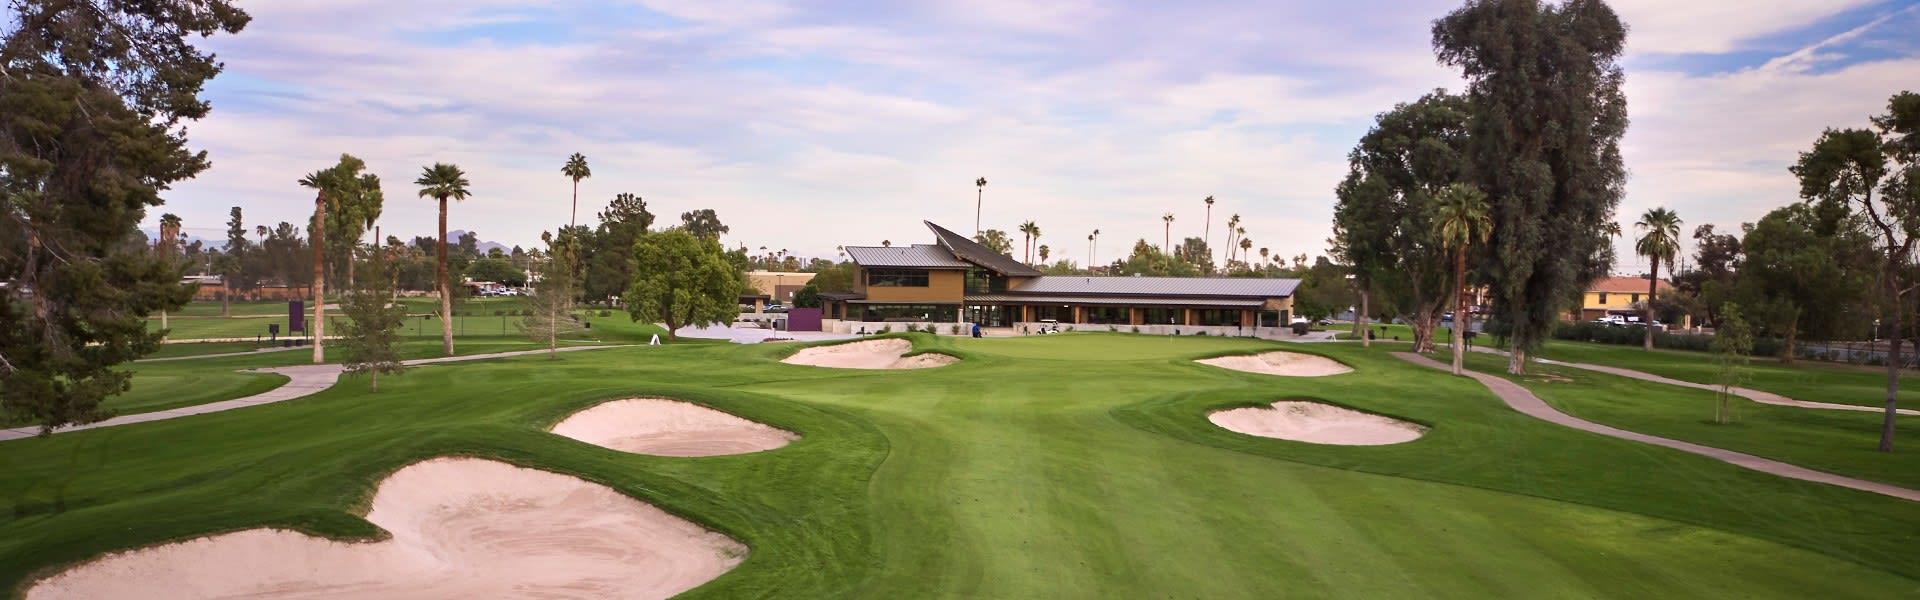 GCU Golf Course